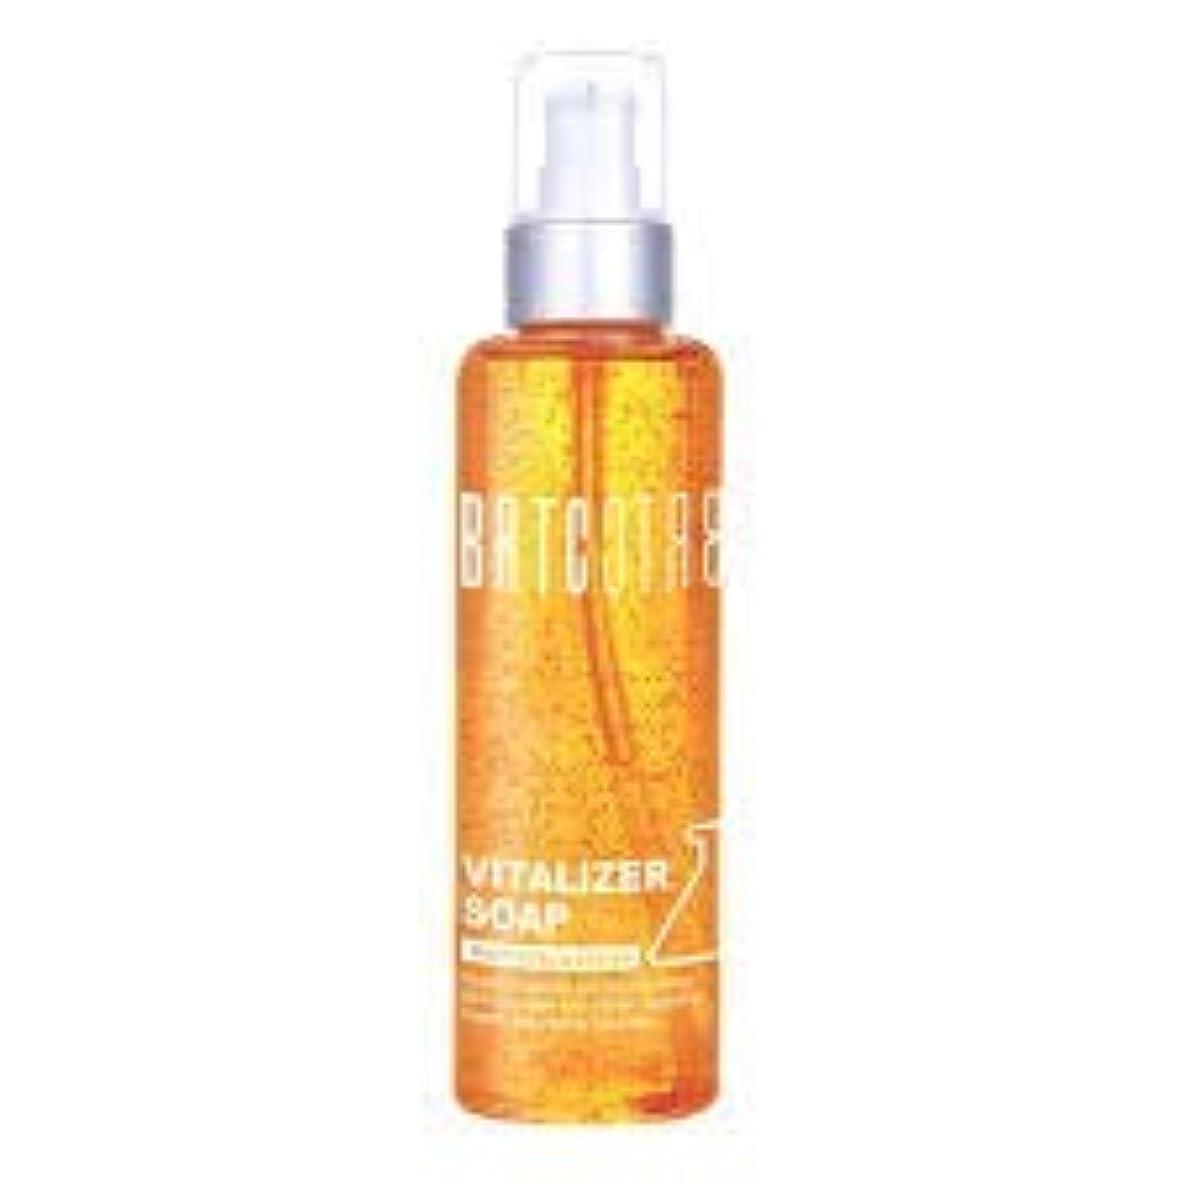 窒素形くつろぐBRTC バイタライザー石鹸200ml ビタミンカプセルは、健康で重要な肌を提示するために皮膚に浸透し、吸収します